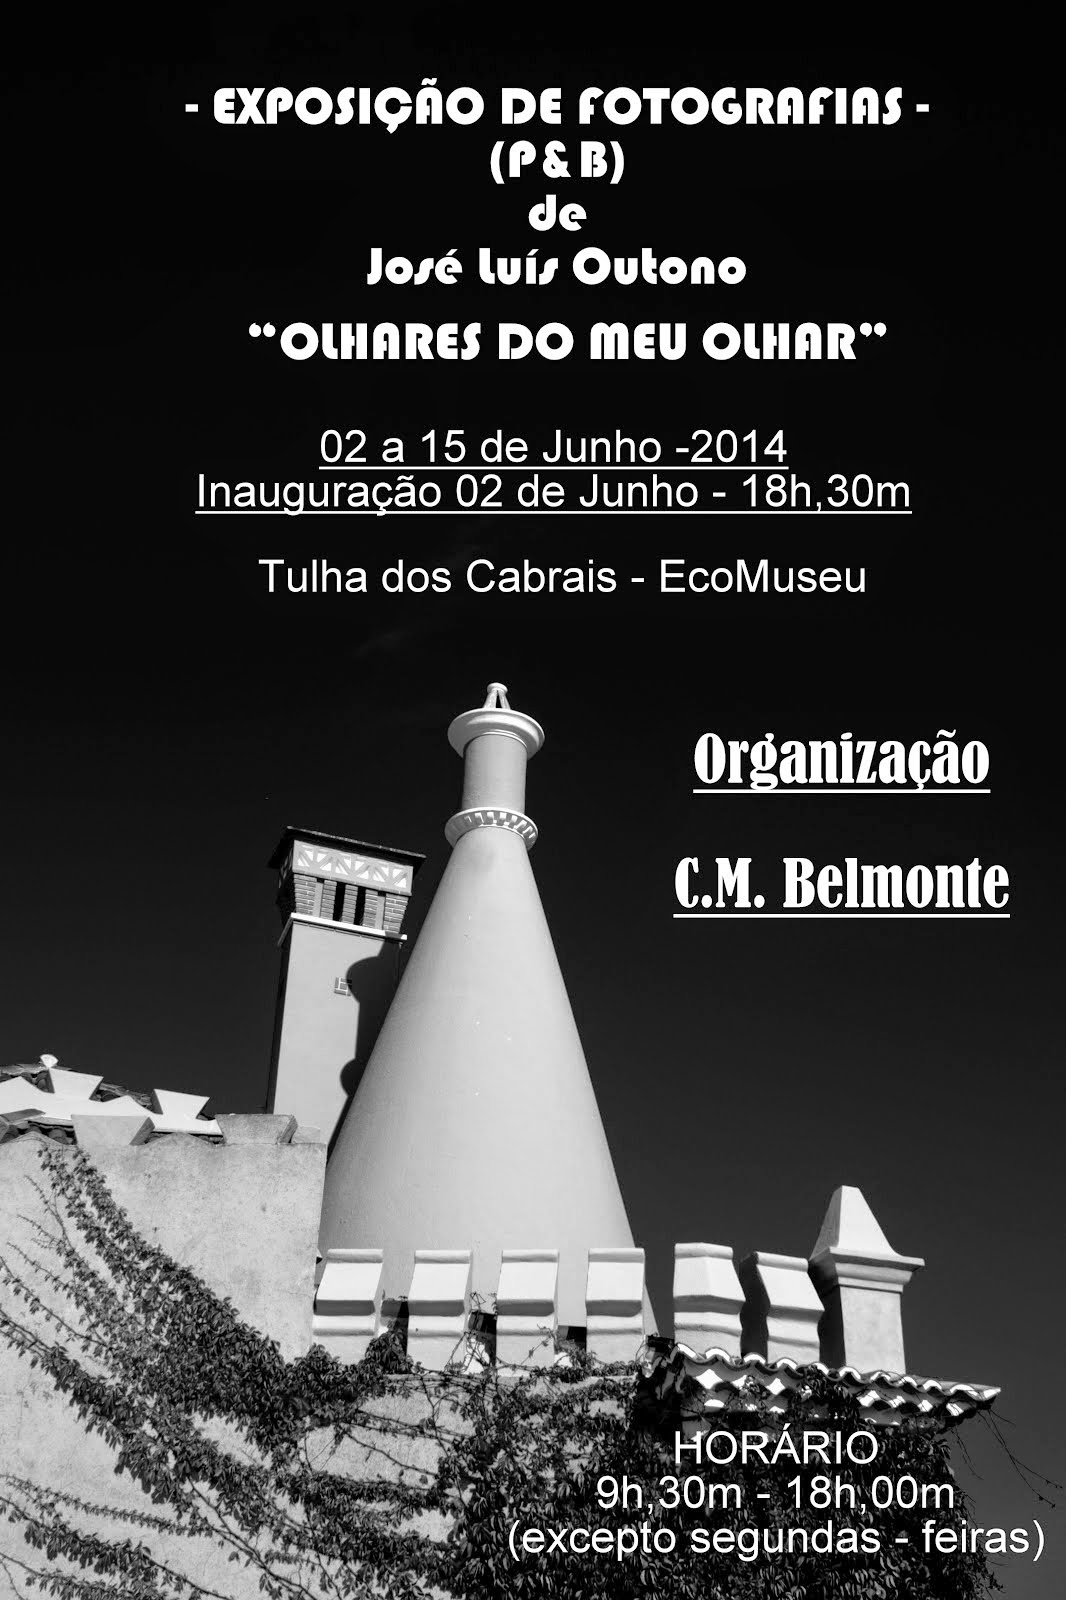 EXPOSIÇÃO DE FOTOGRAFIAS - BELMONTE